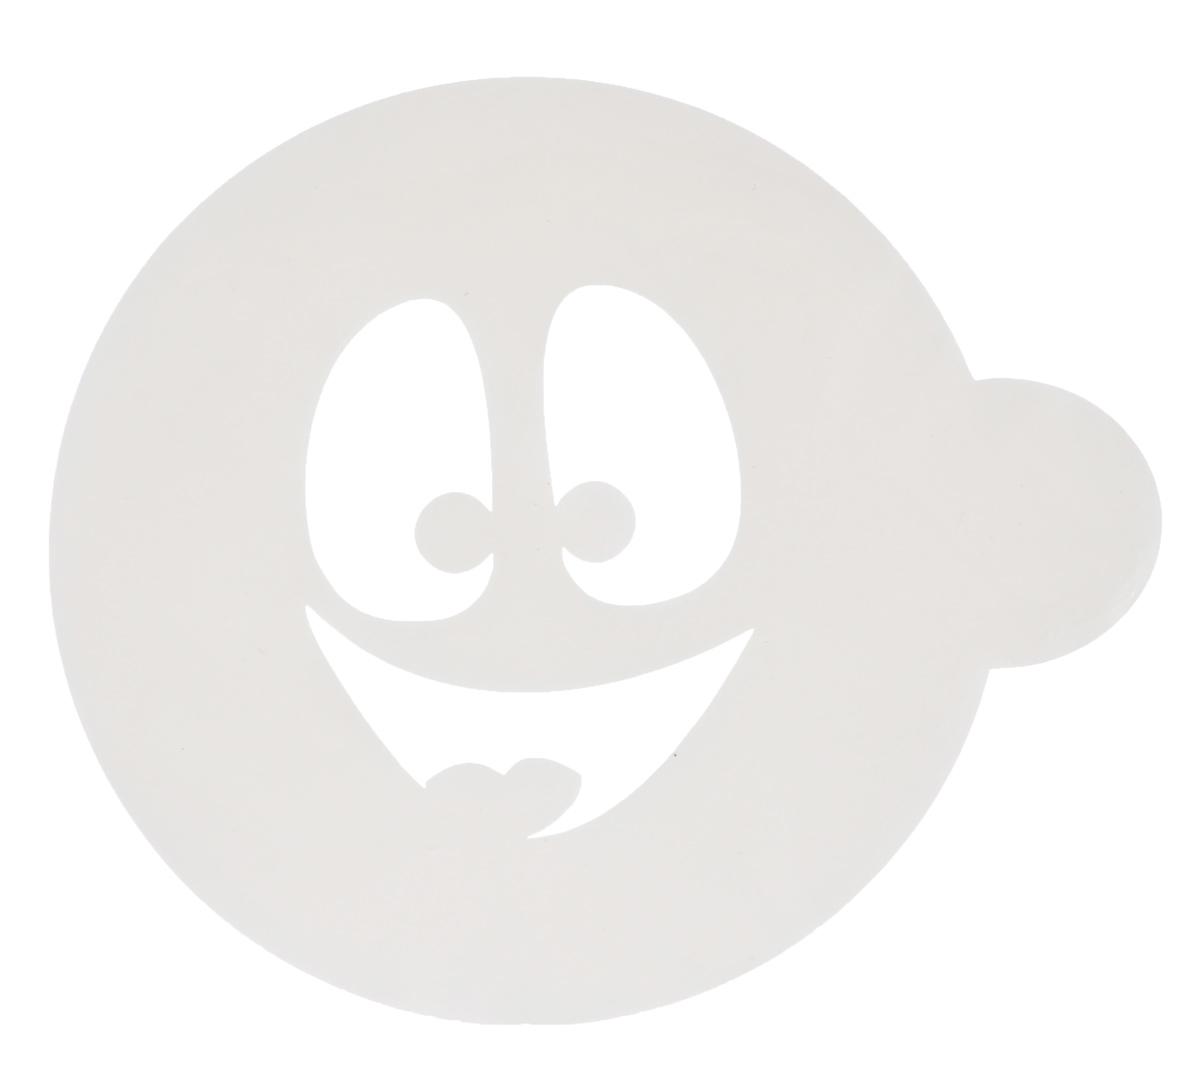 Трафарет на кофе и десерты Леденцовая фабрика Смайлик 3, диаметр 10 смТ019Трафарет Леденцовая фабрика Смайлик 3 представляет собой пластину с прорезями, через которые пищевая краска (сахарная пудра, какао, шоколад, сливки, корица, дробленый орех) наносится на поверхность кофе, молочных коктейлей, десертов. Изделие изготовлено из матового пищевого пластика 250 мкм и пригодно для контакта с пищевыми продуктами. Трафарет многоразовый. Побалуйте себя и ваших близких красиво оформленным кофе. Диаметр трафарета: 10 см.